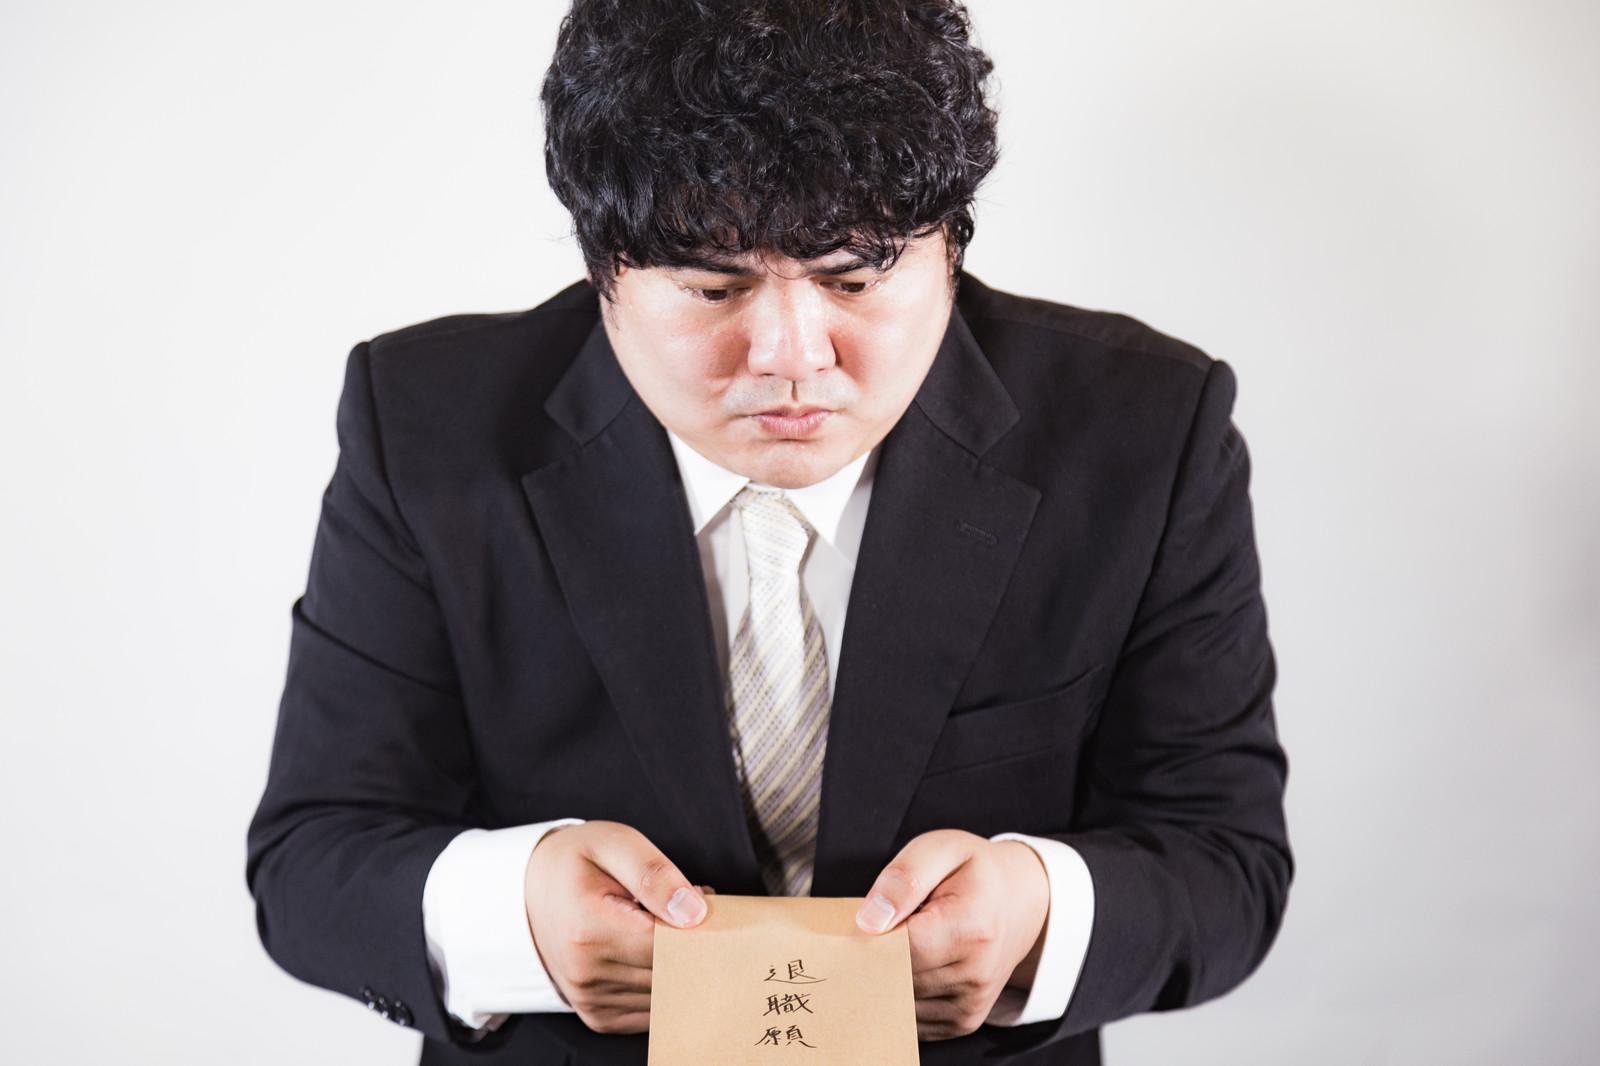 現場監督を辞める方法【正しい退職方法】